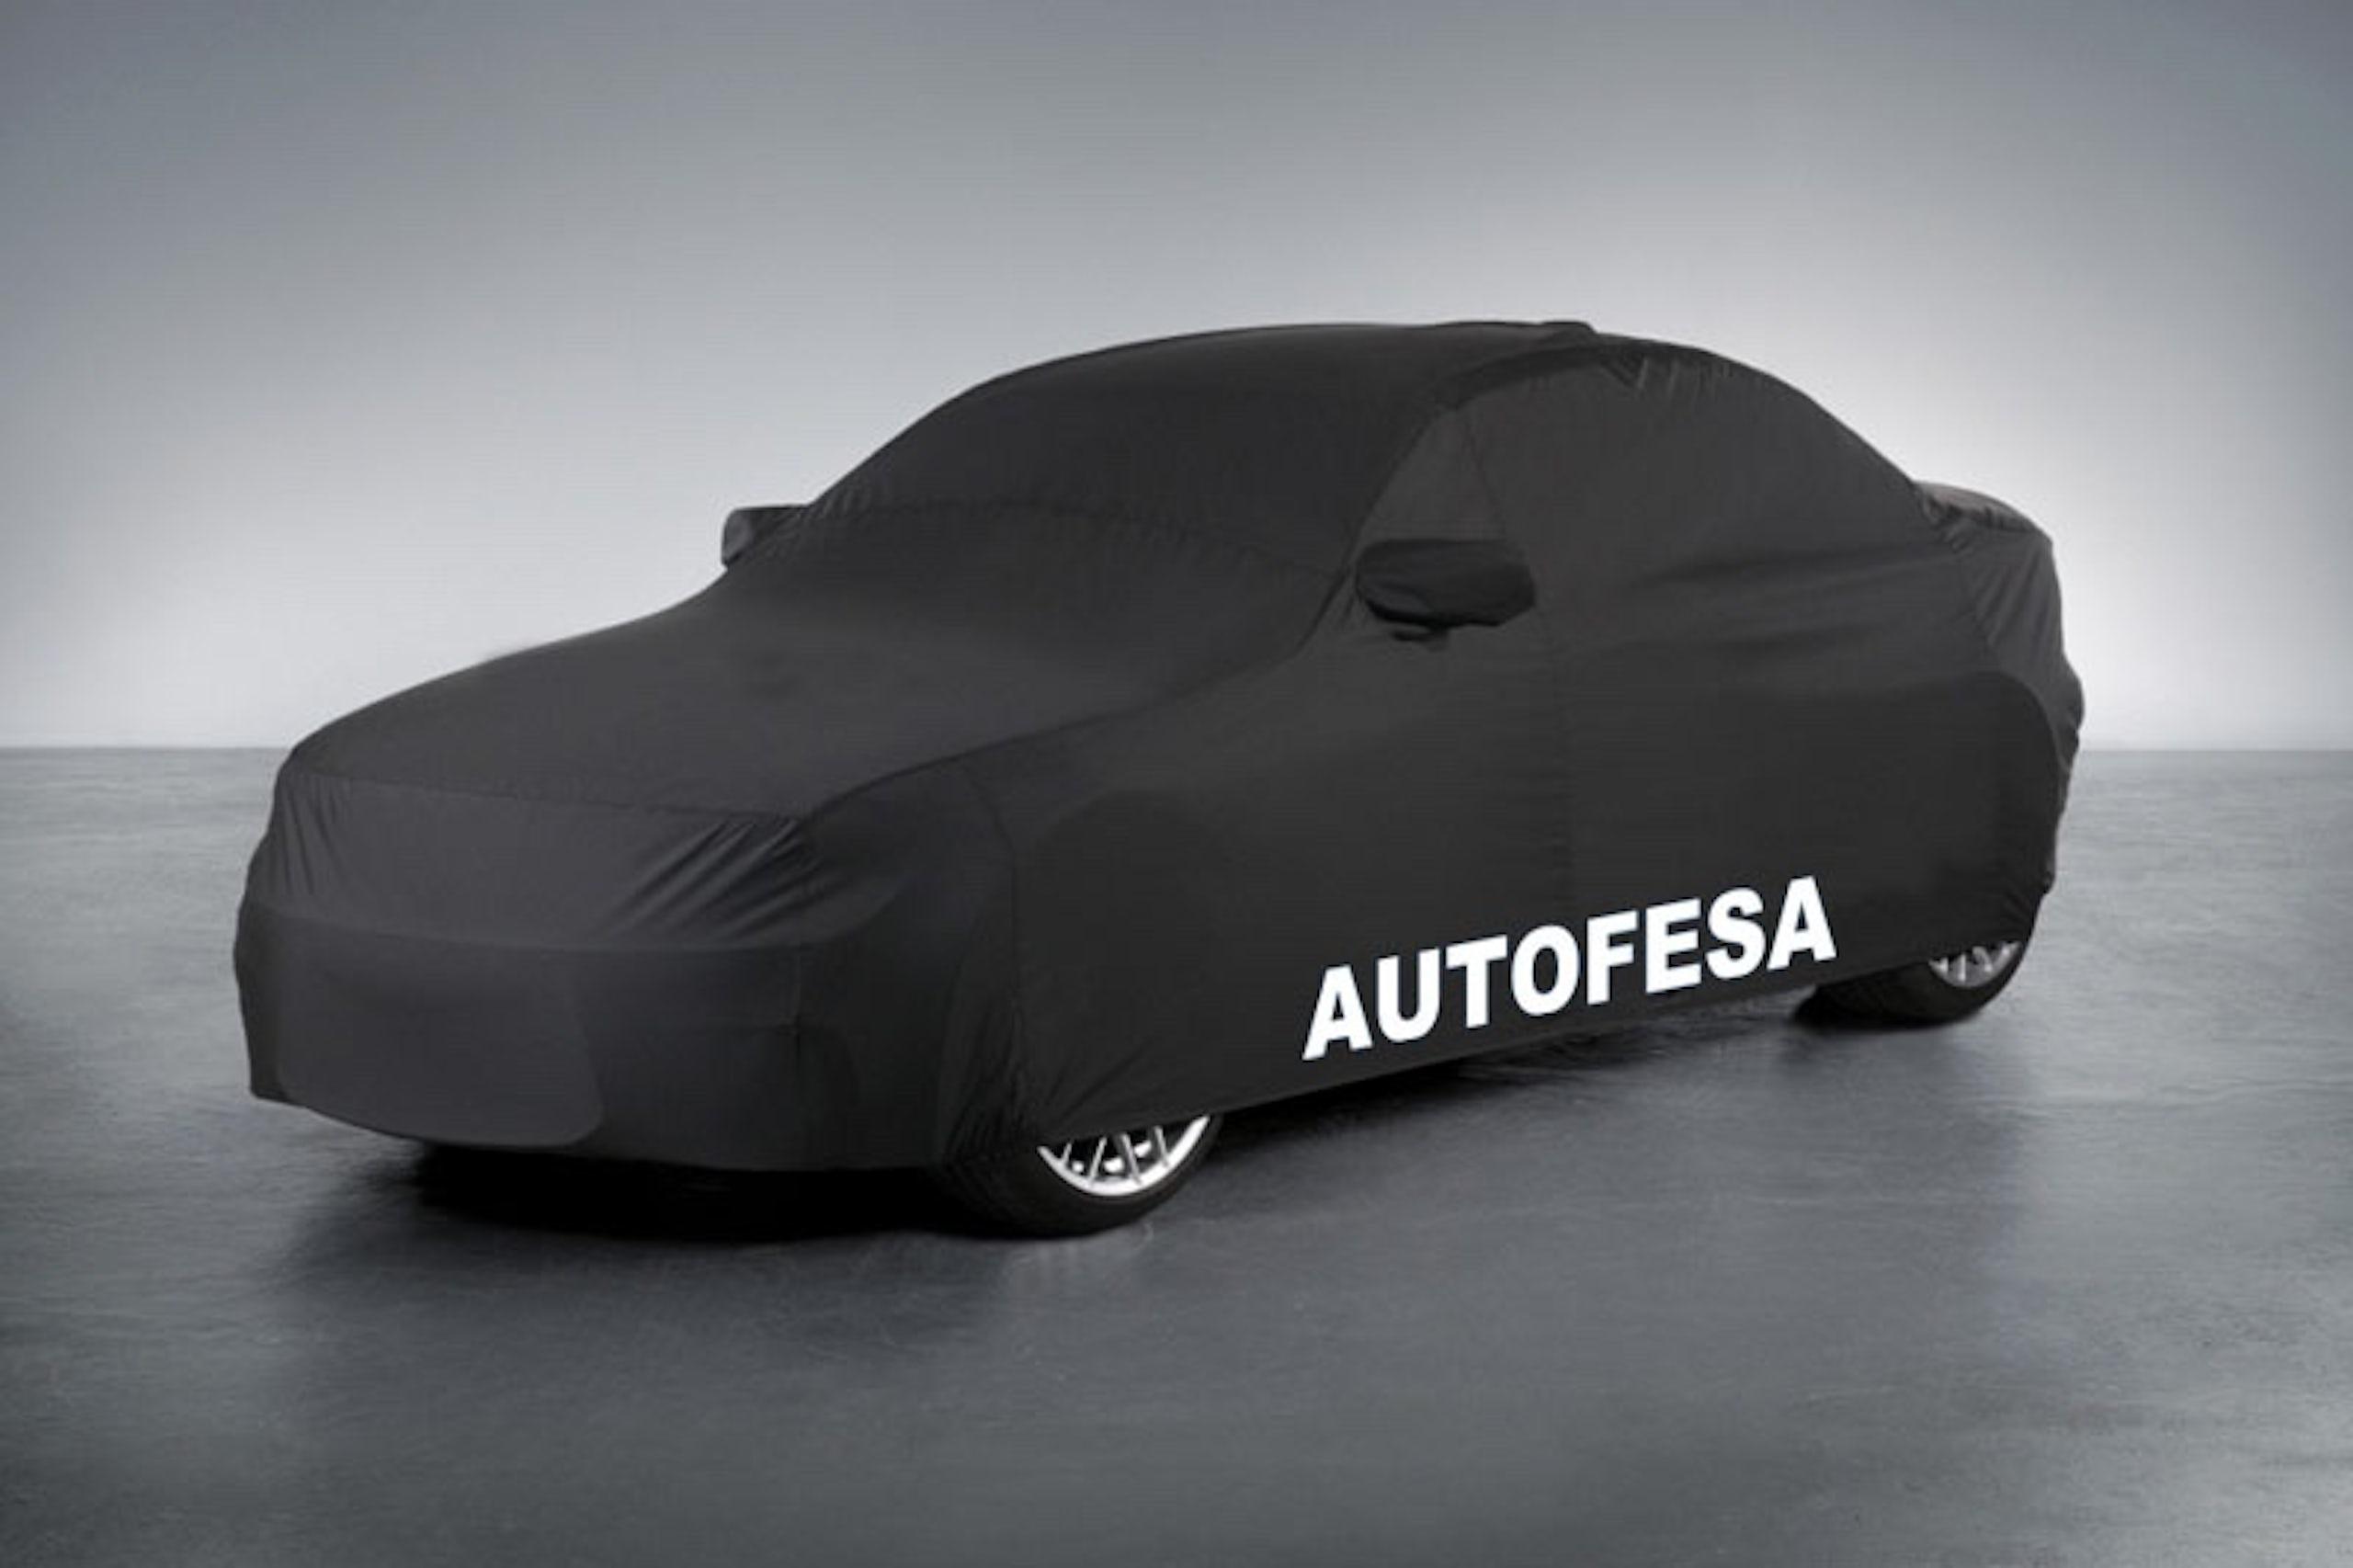 Mercedes-benz GLA 250 2.0 DCT 211cv AMG 4MATIC 7G Auto - Foto 29